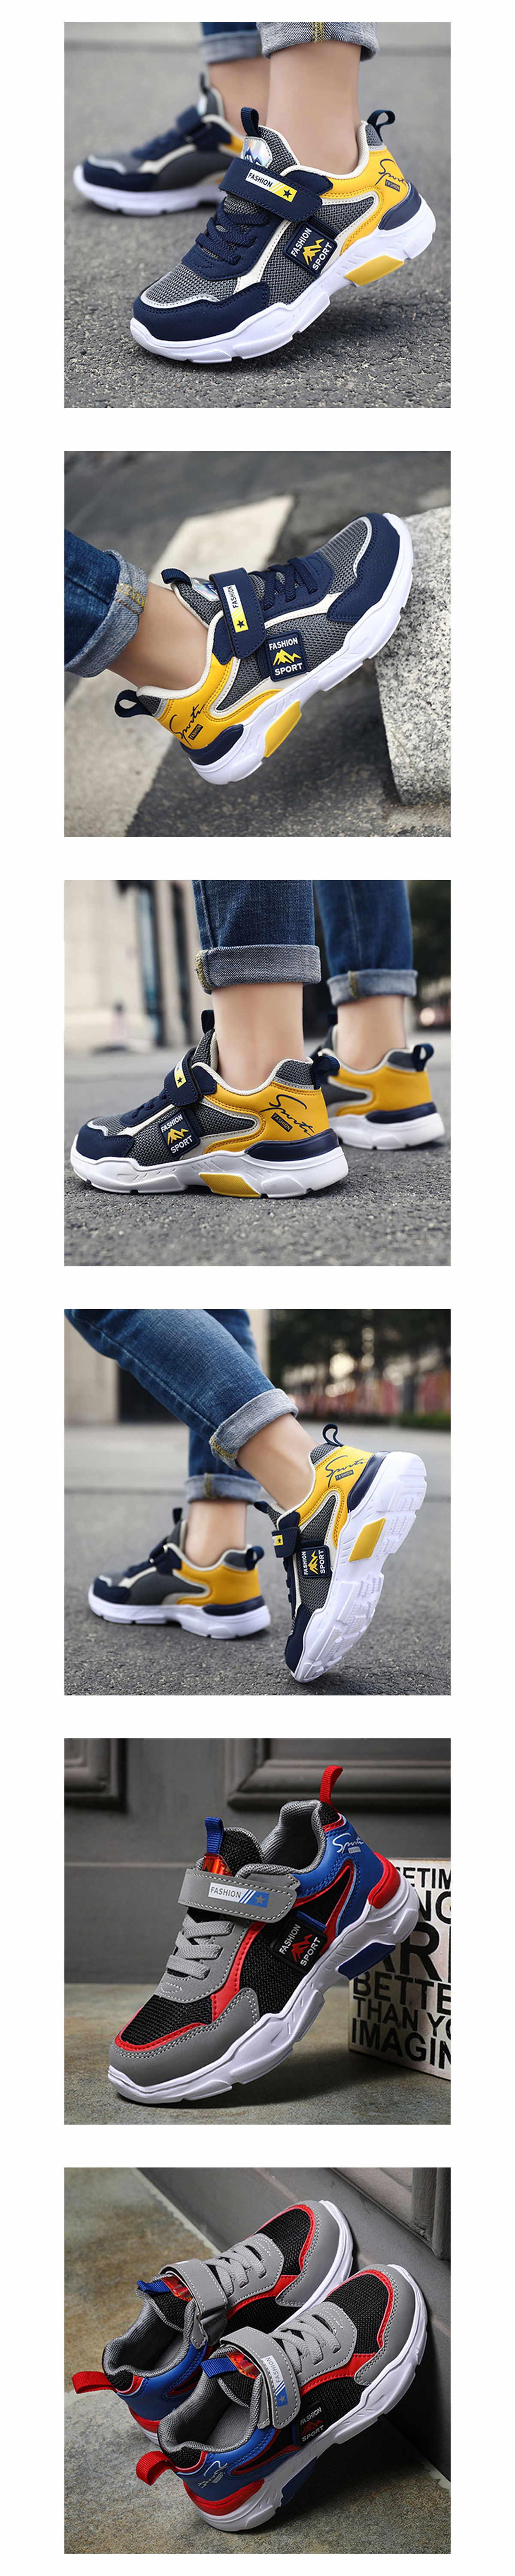 童鞋.兒童透氣網面撞色拼接運動鞋.童裝